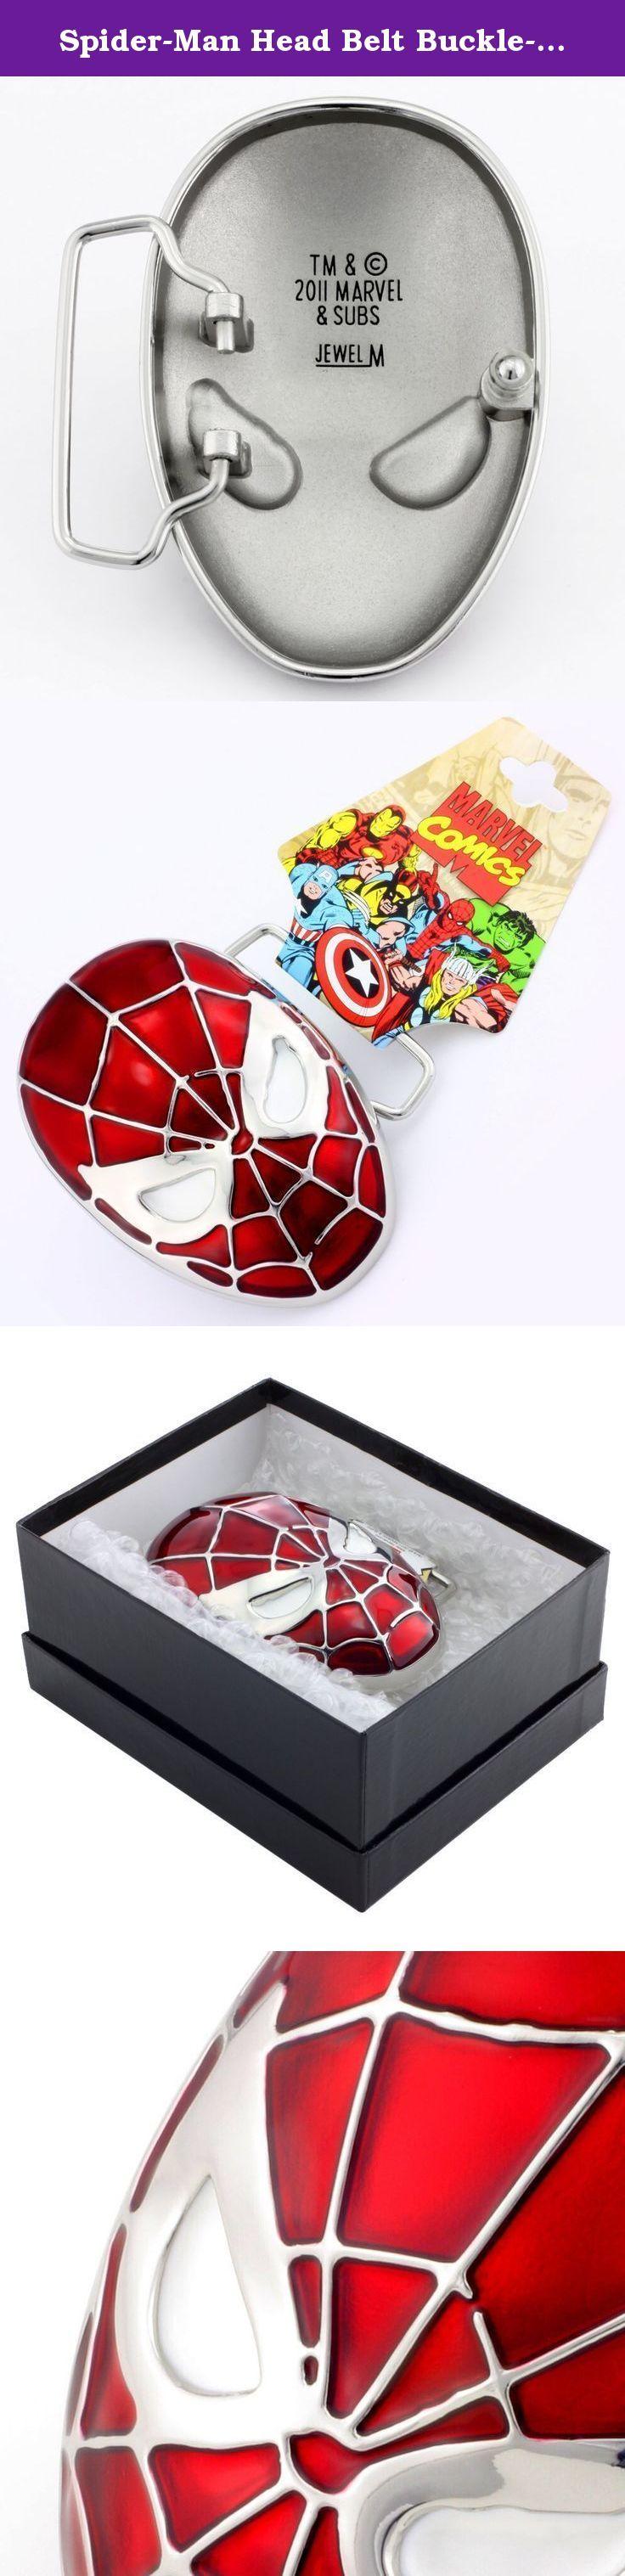 Spider-Man Head Belt Buckle-MAR-4002.